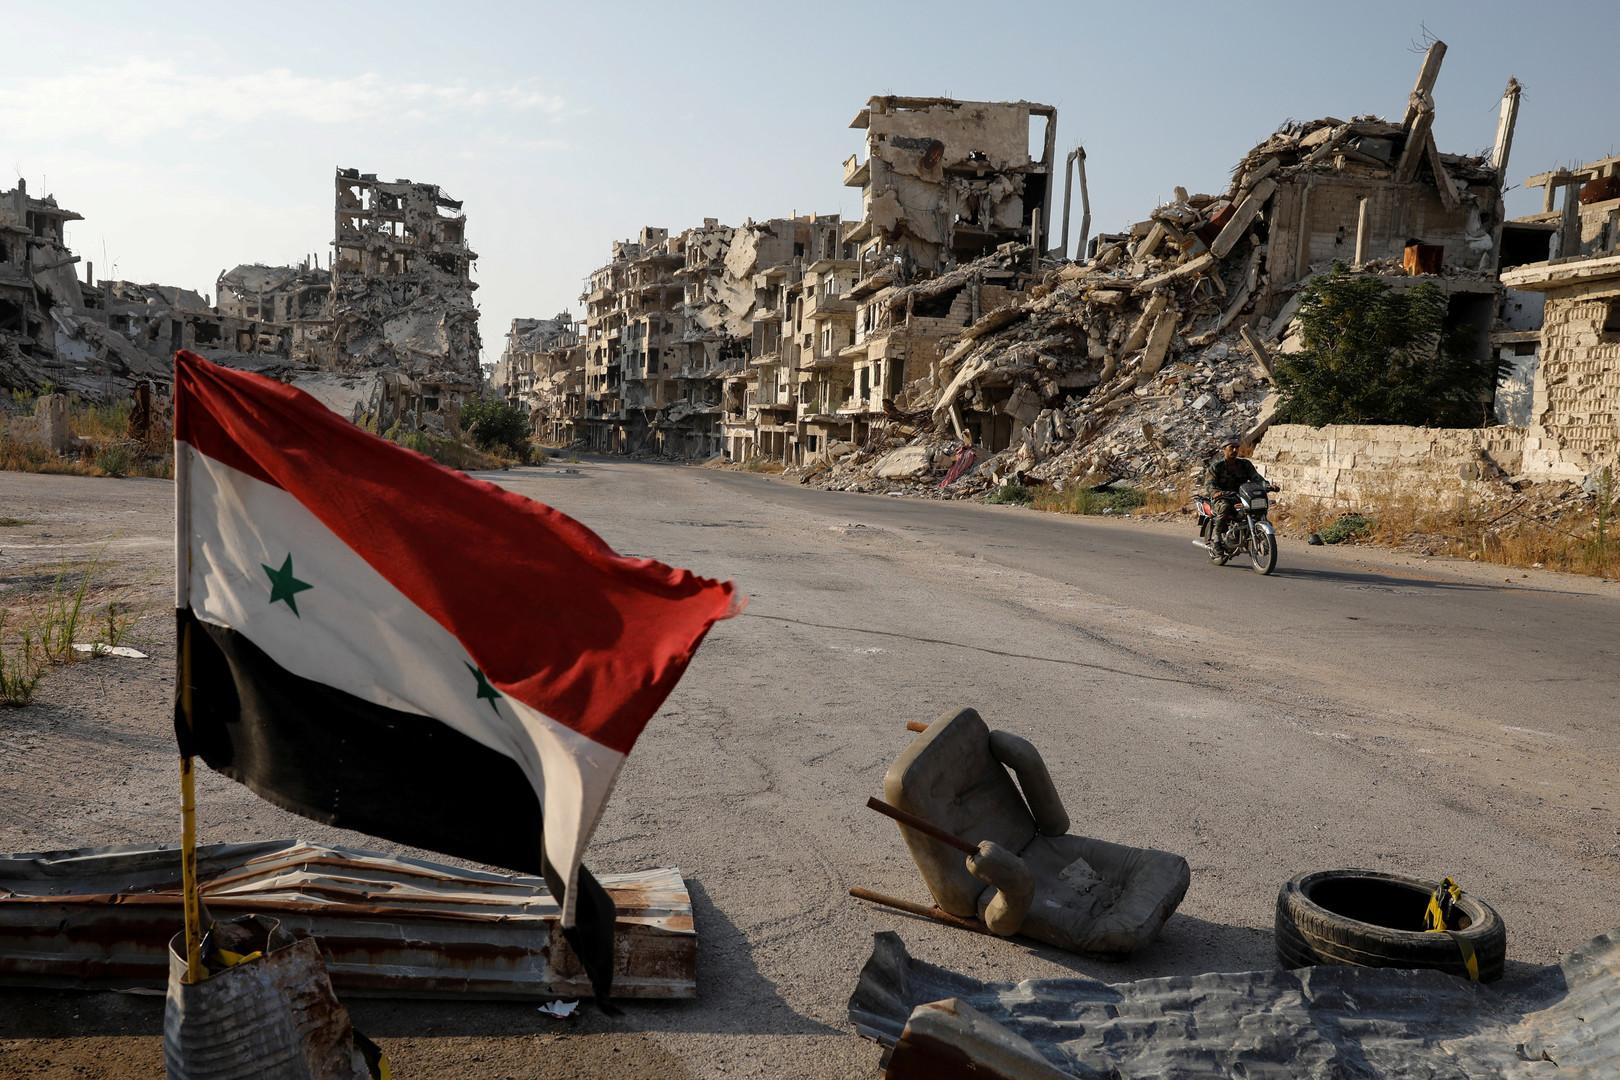 دمشق تحذر الأوروبيين من عواقب زيادة تواجدهم العسكري في سوريا -